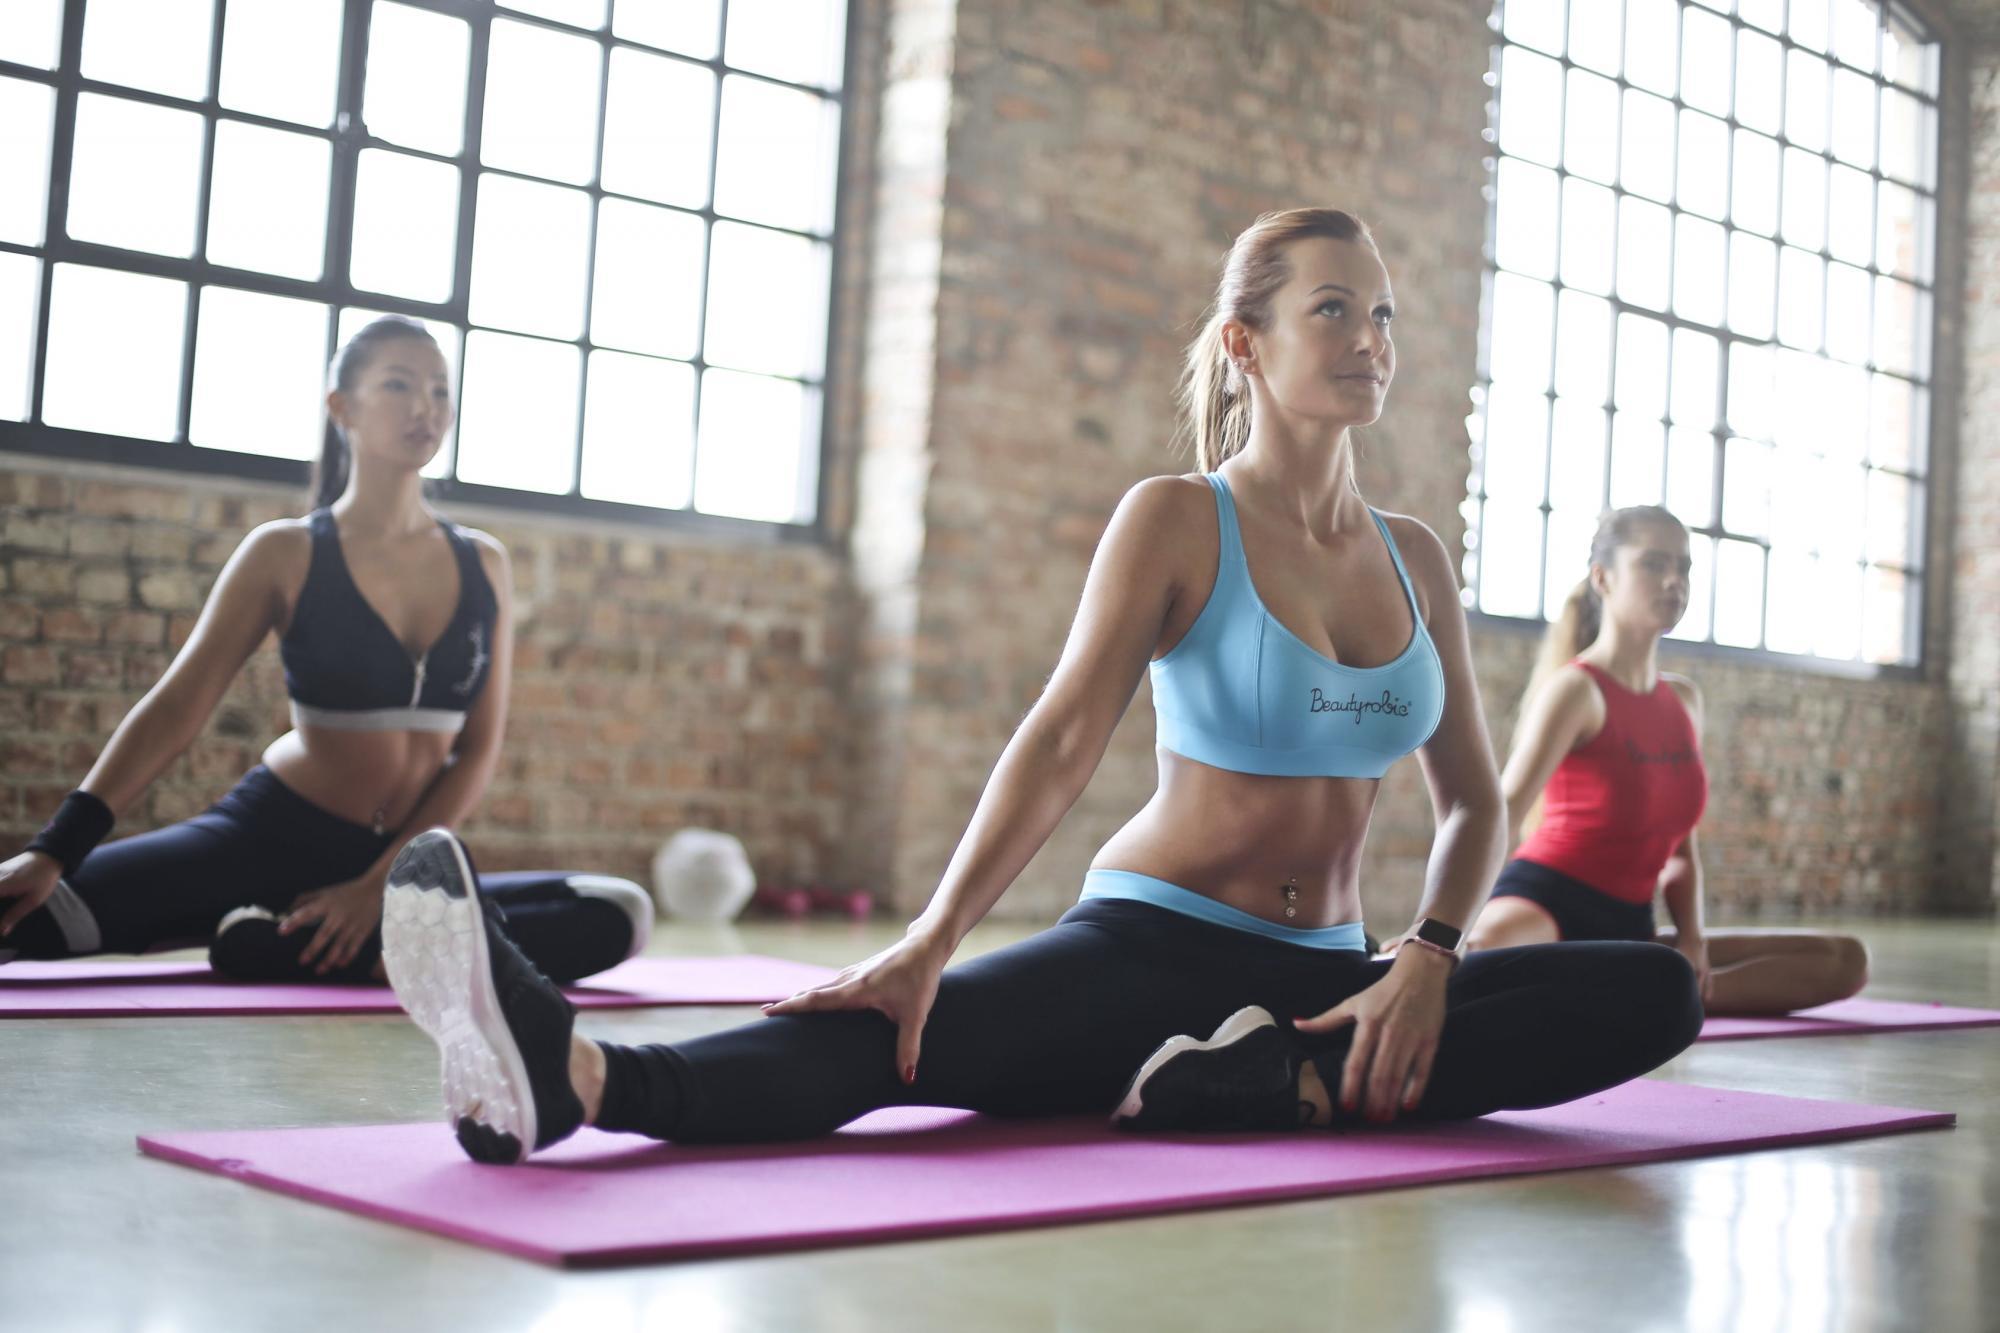 Як полюбити спорт і худнути з задоволенням: поради дієтолога